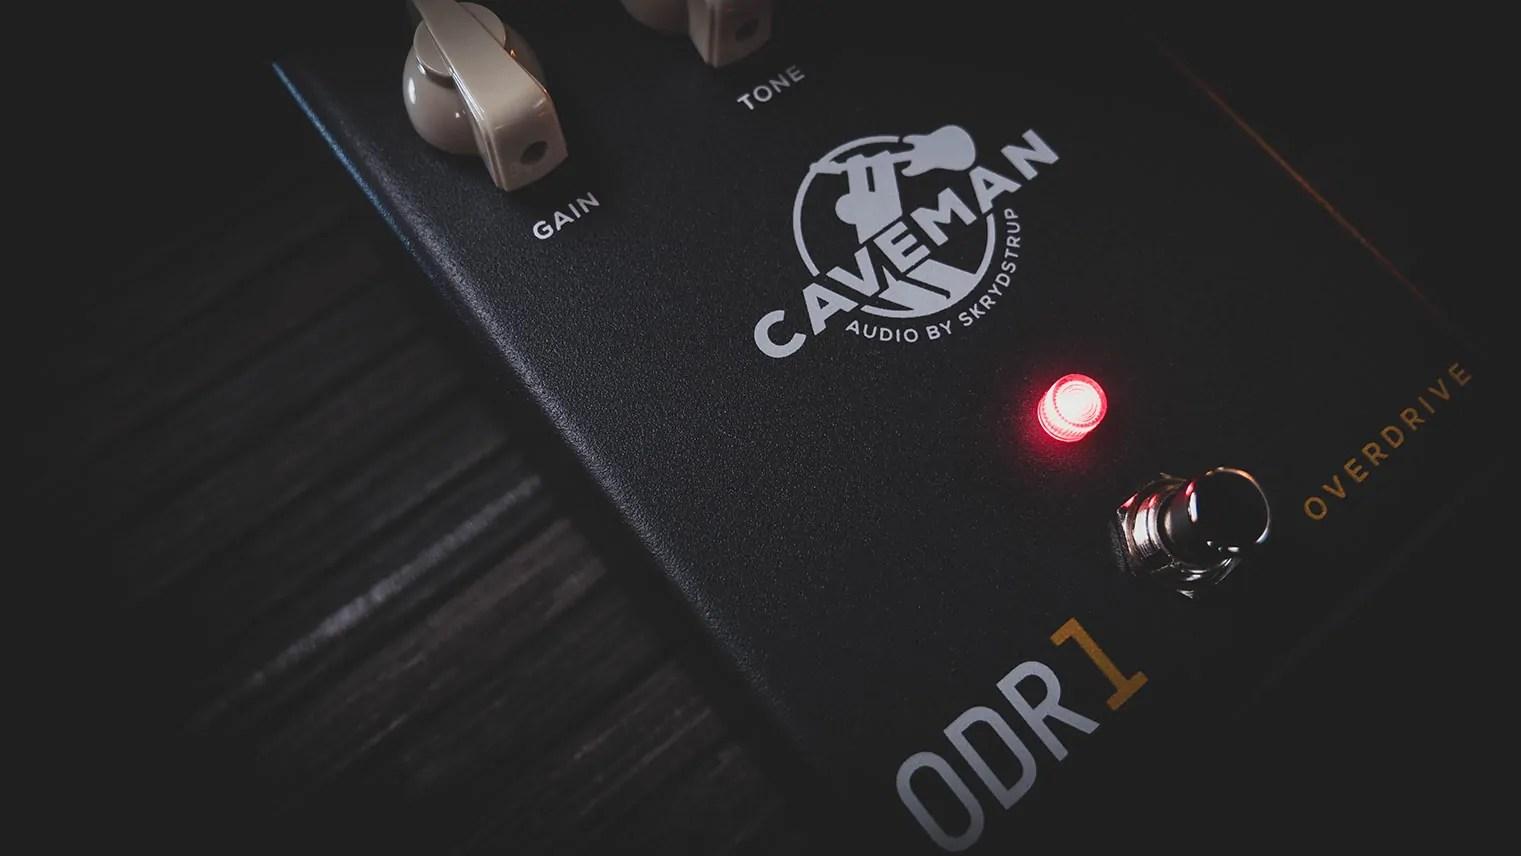 ODR1 overdrive